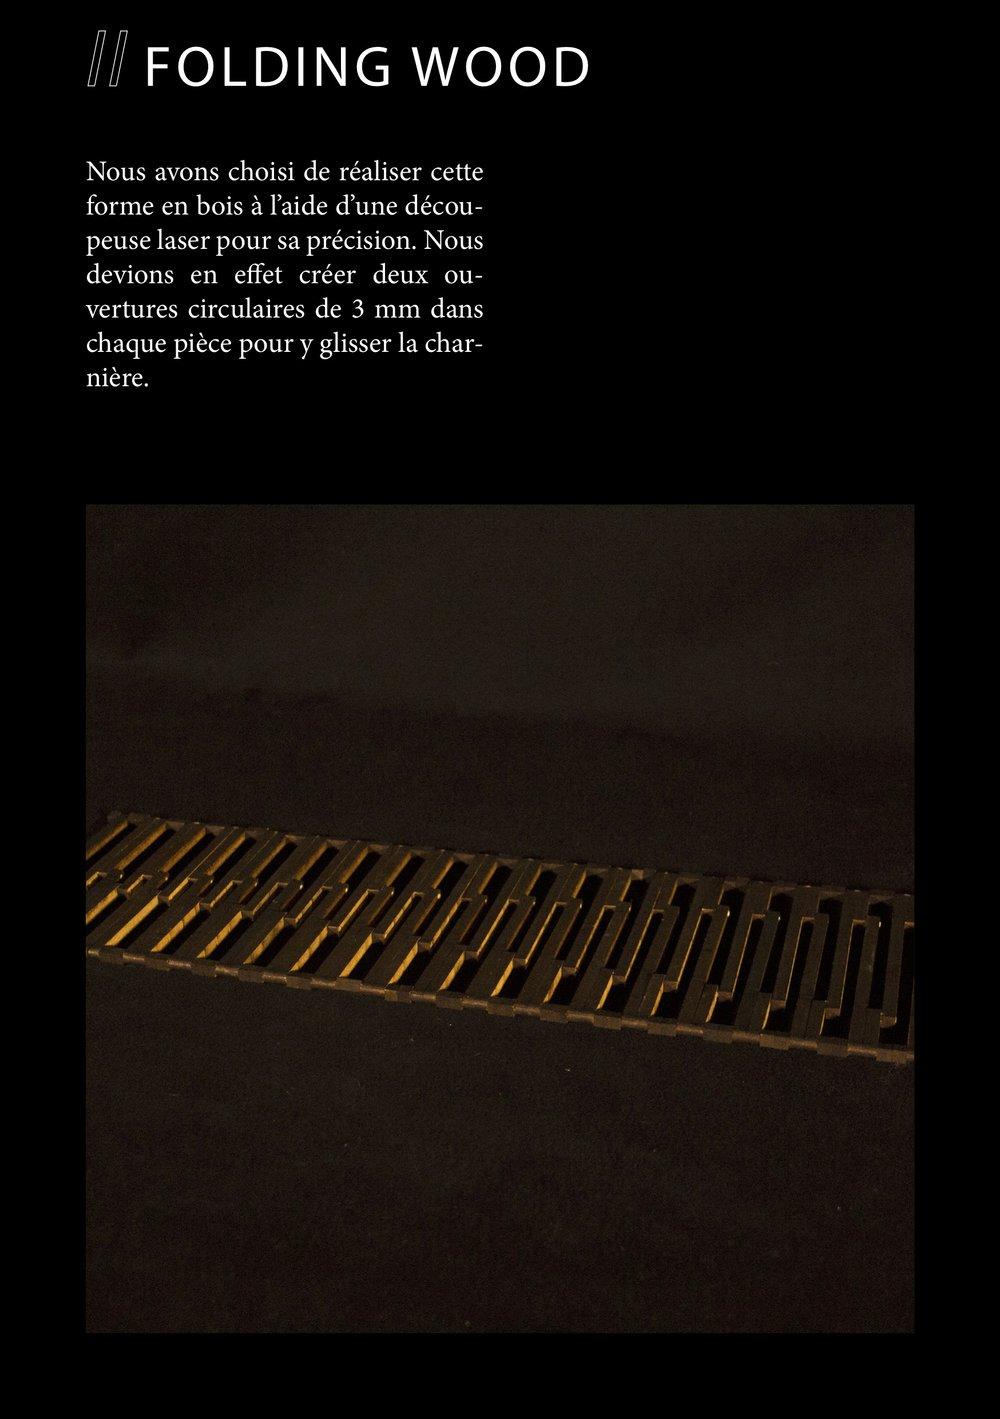 Book (glissé(e)s) 9.jpg